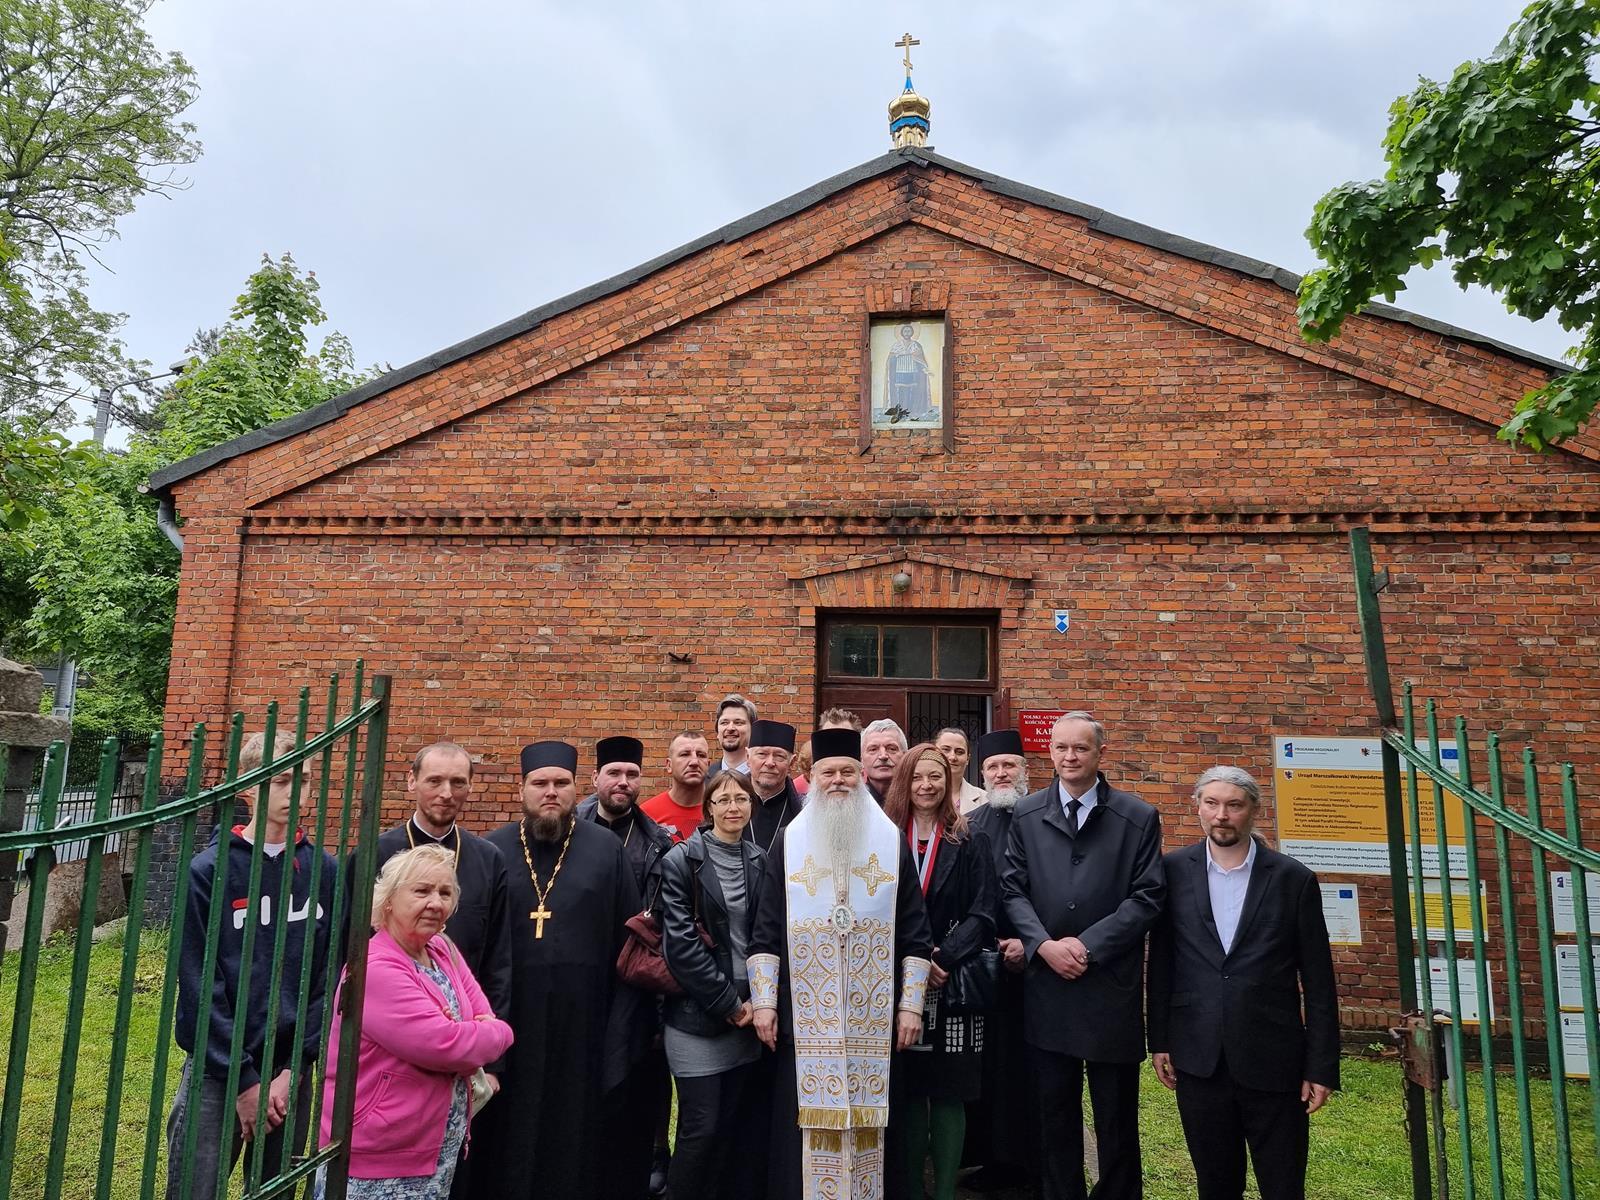 Poświęcenie kopuły na cerkwi w Aleksandrowie Kujawskim